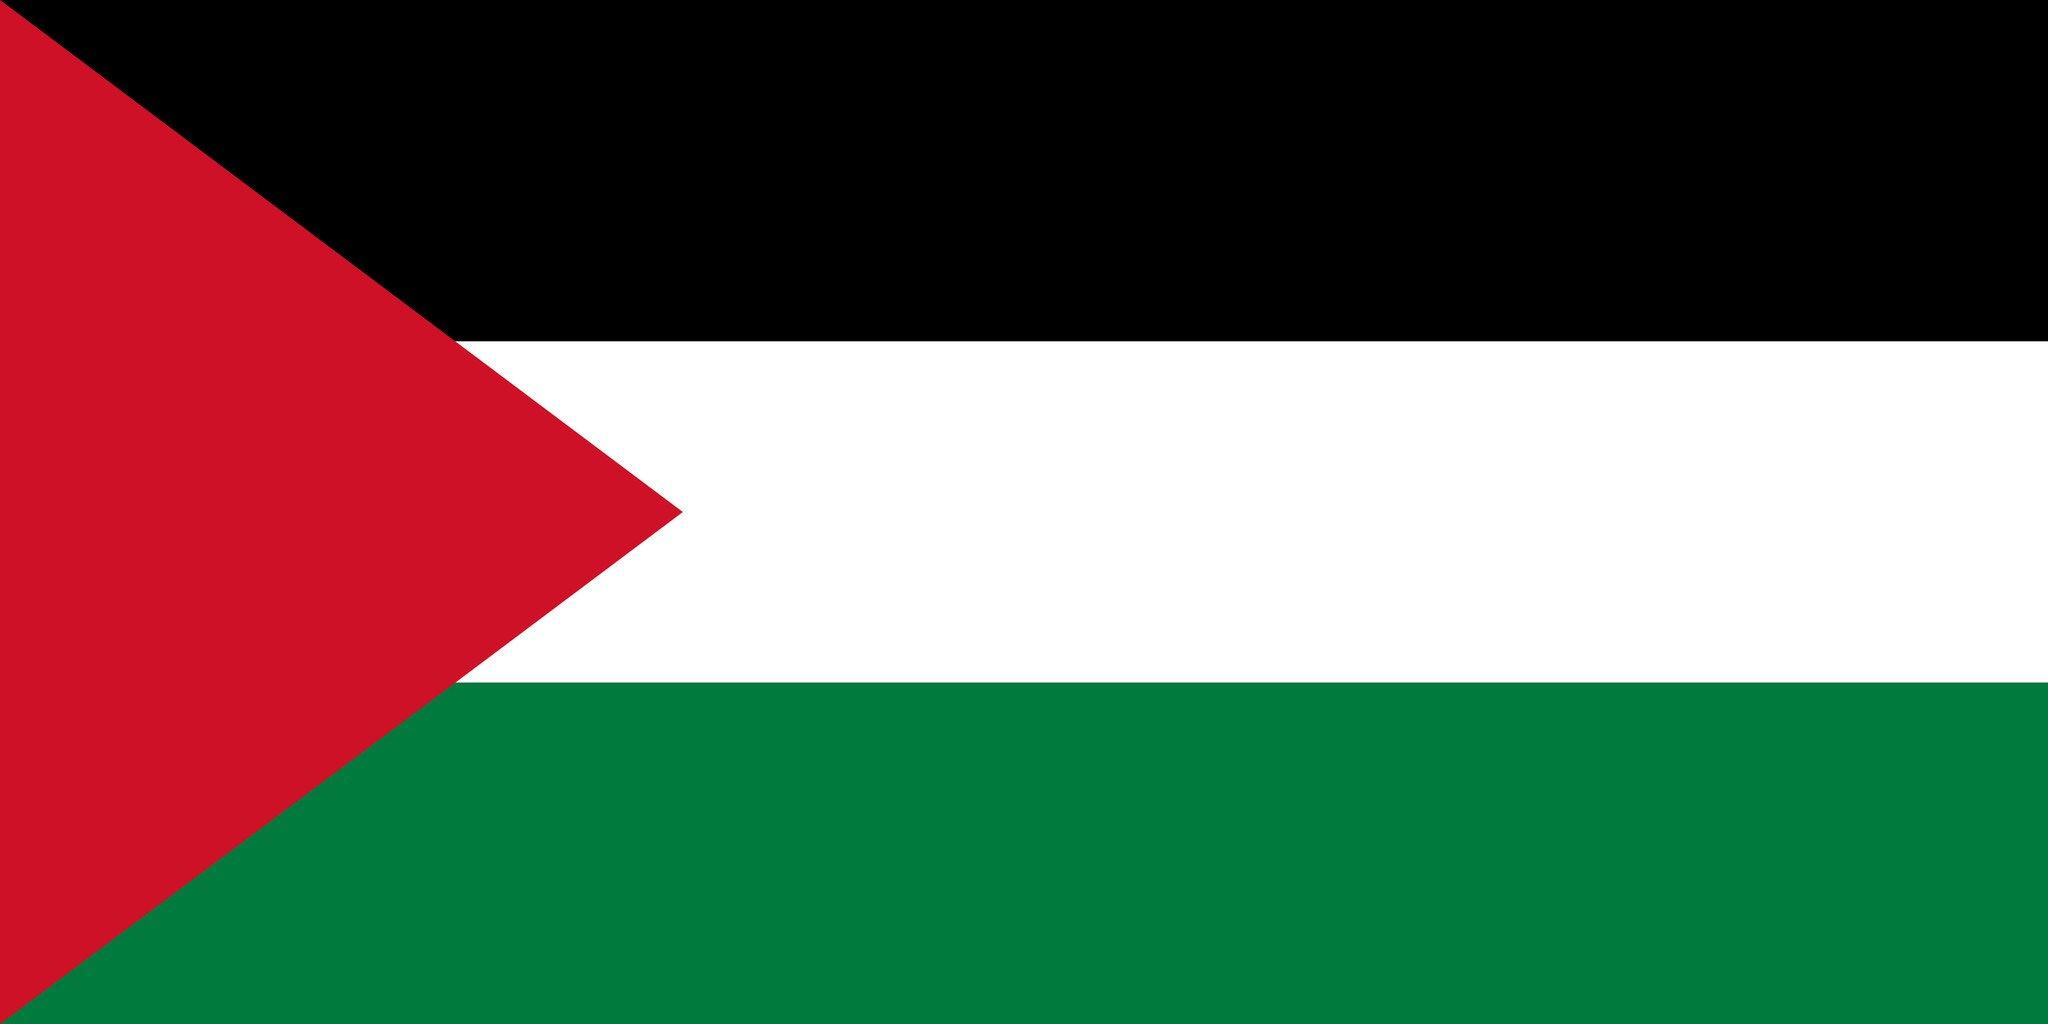 Flagge Schwarz Weiß Grün